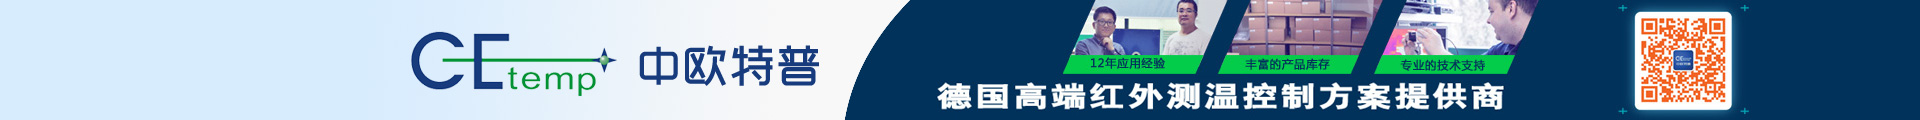 深圳市中歐特普科技有限公司